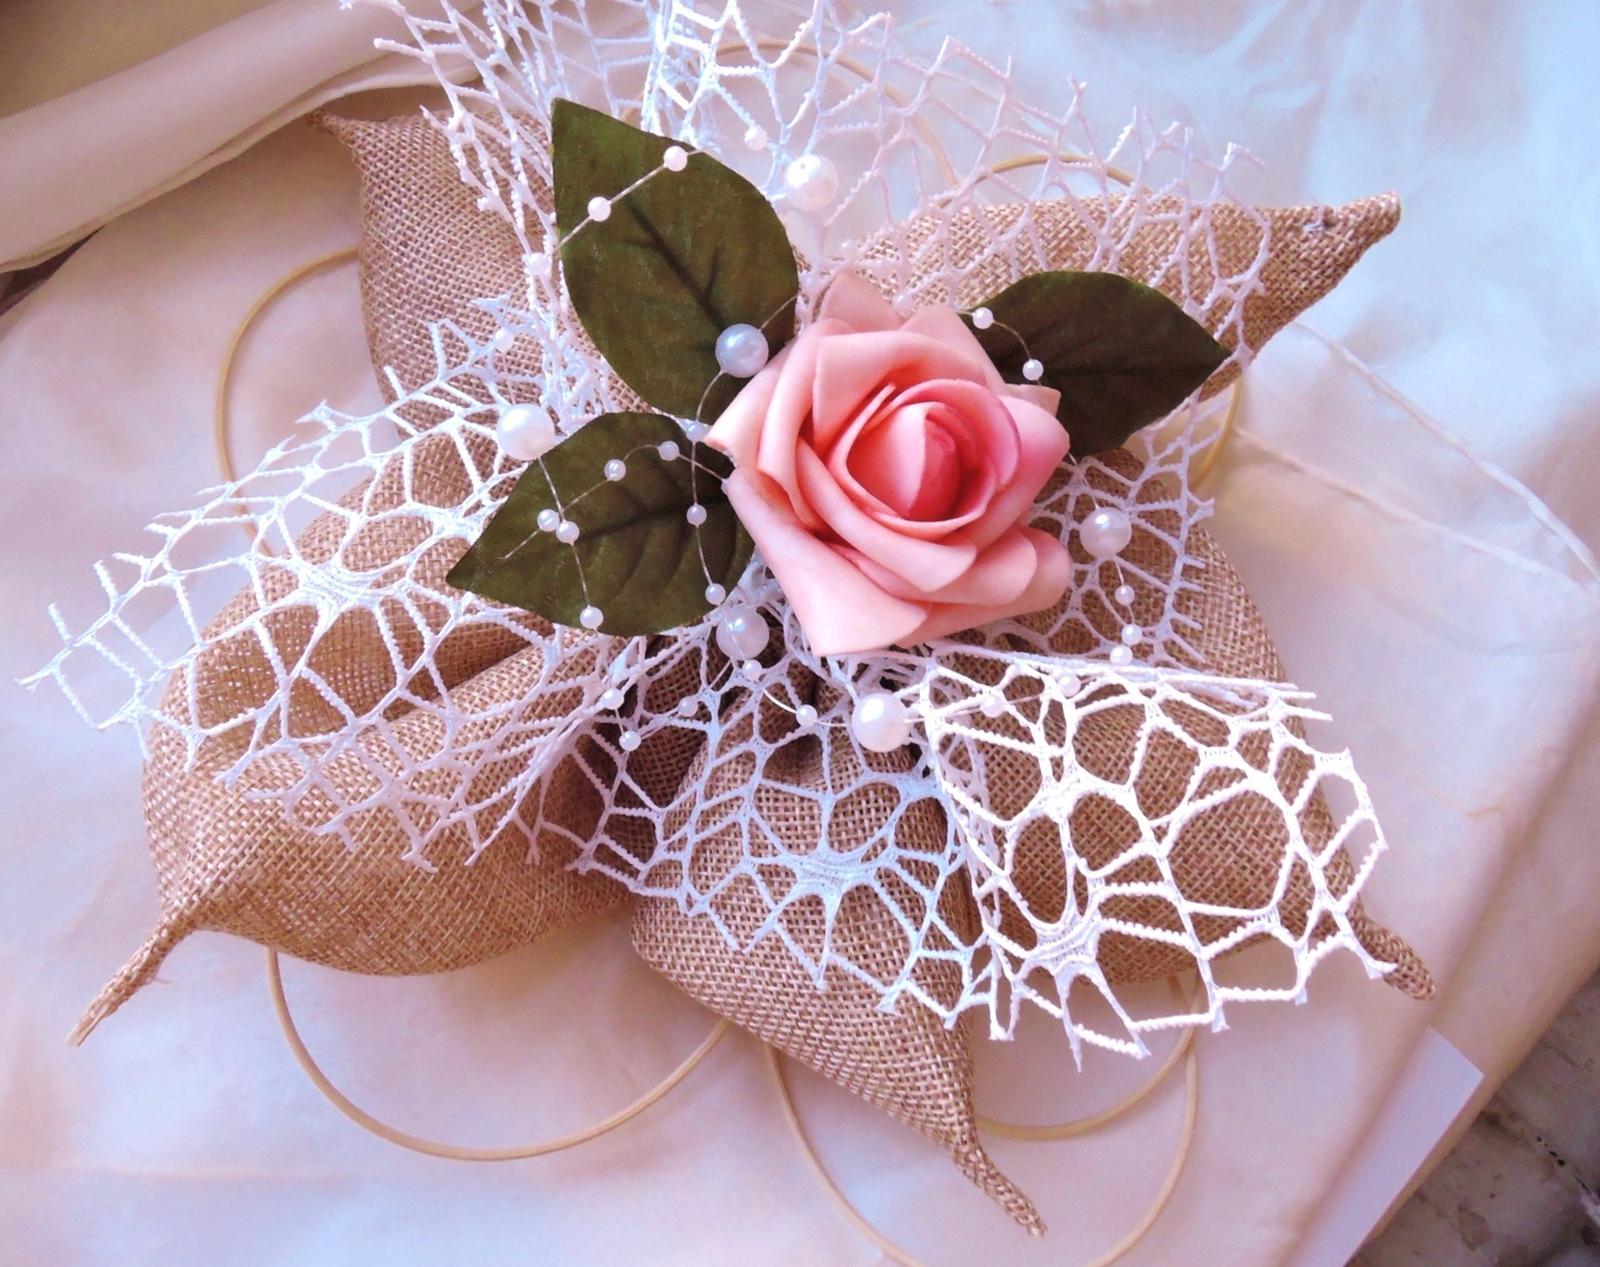 """Svatební auto - """"Jutový květ s růží"""" - Obrázek č. 1"""